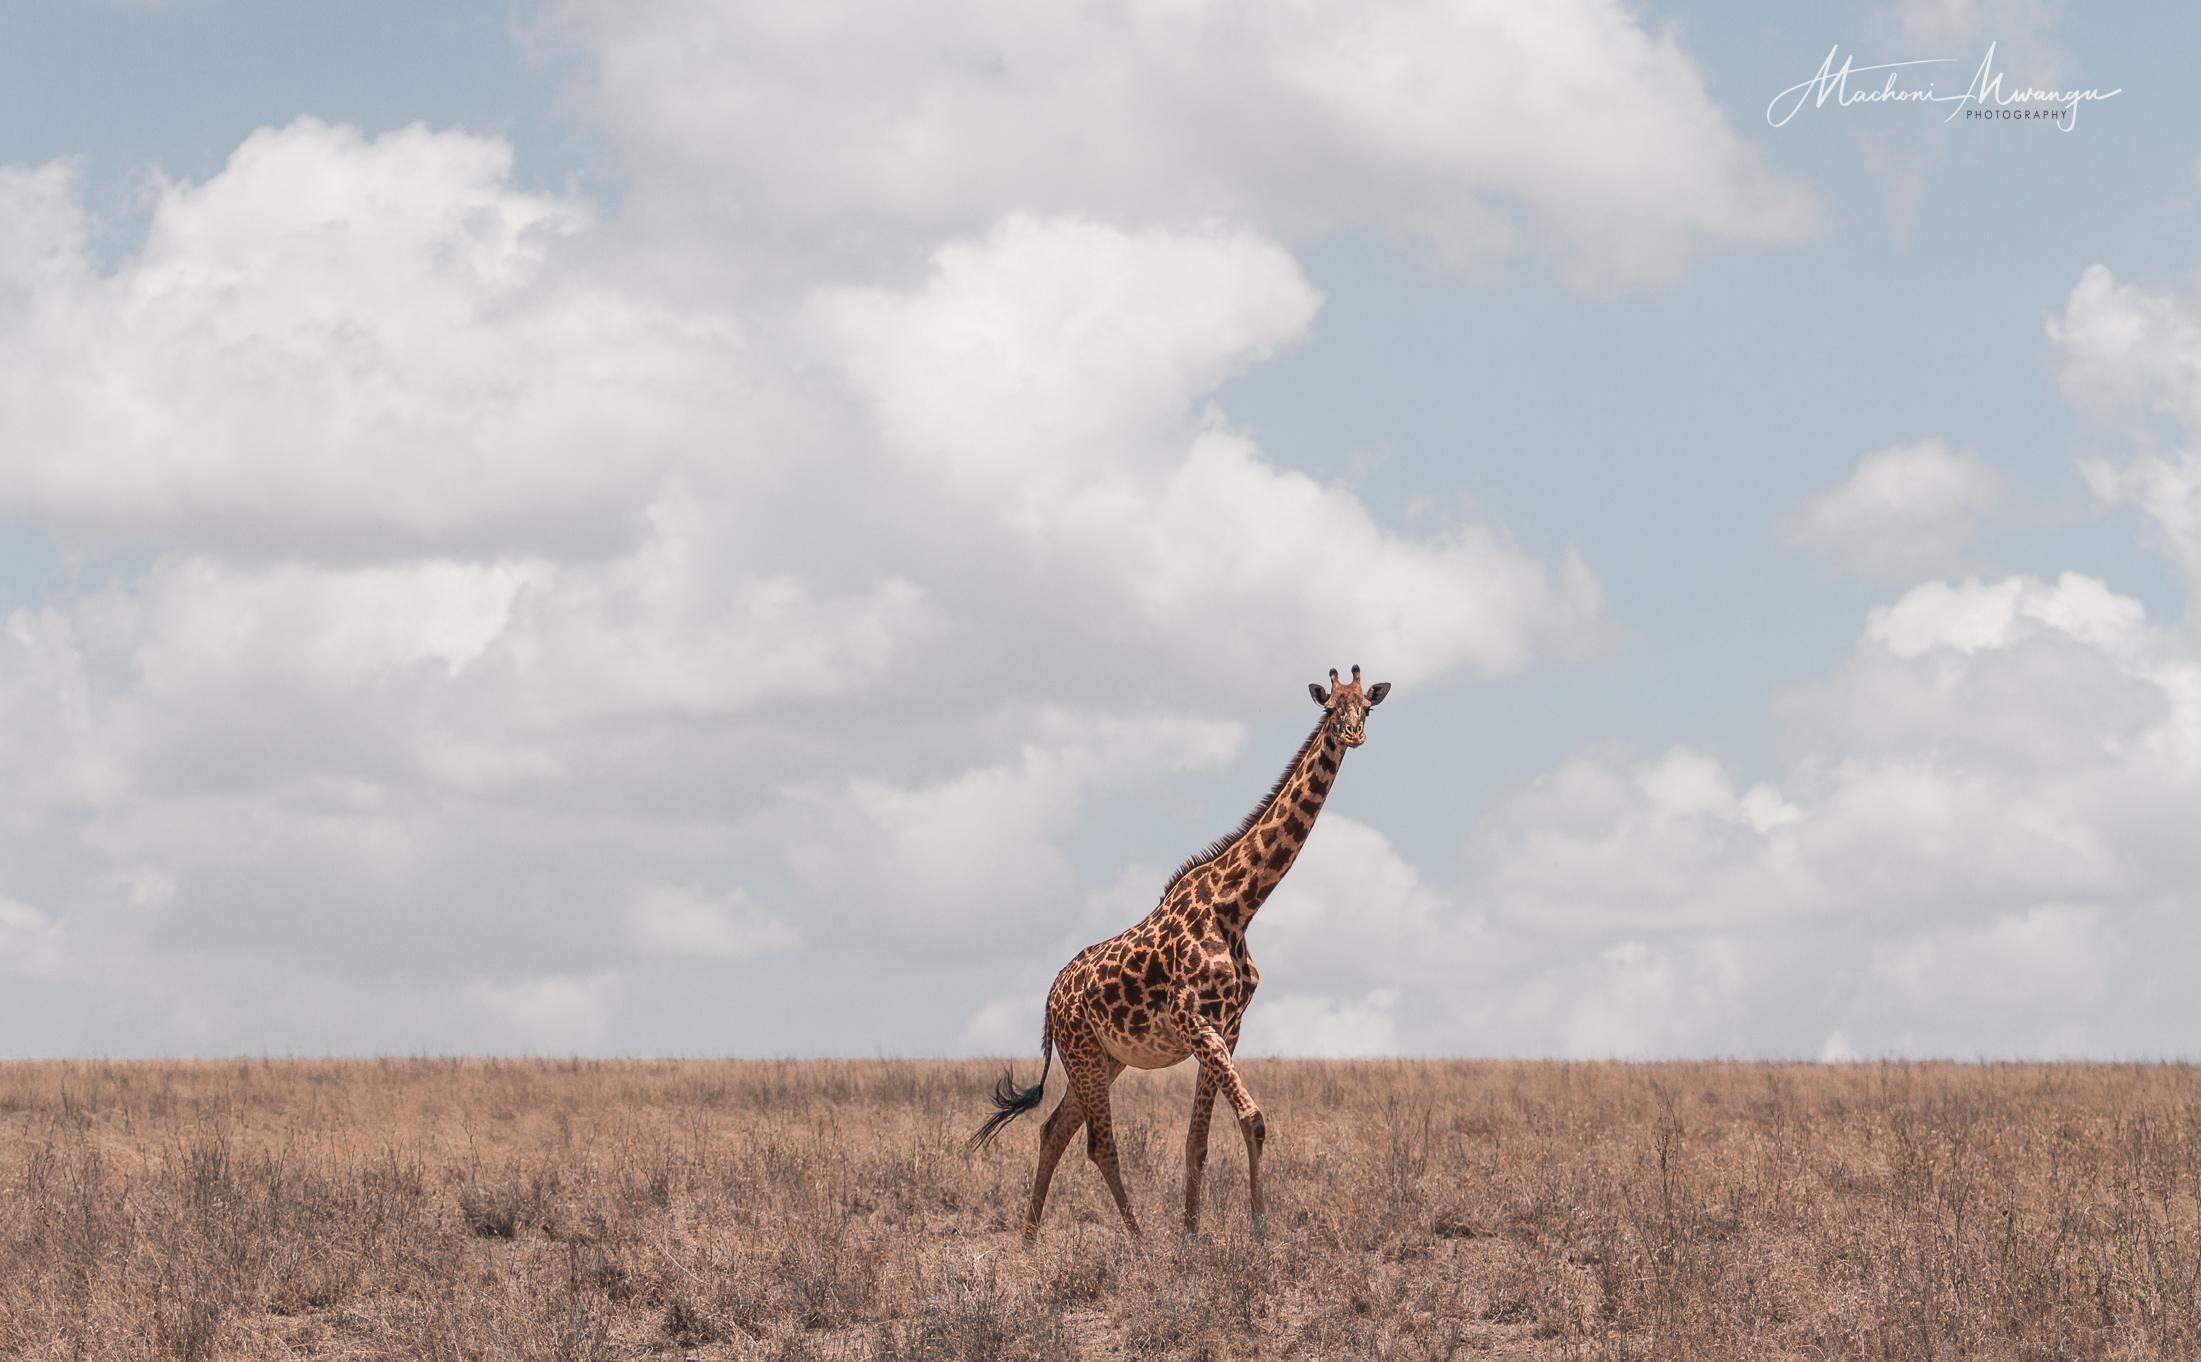 Maasai Girrafe in the plains